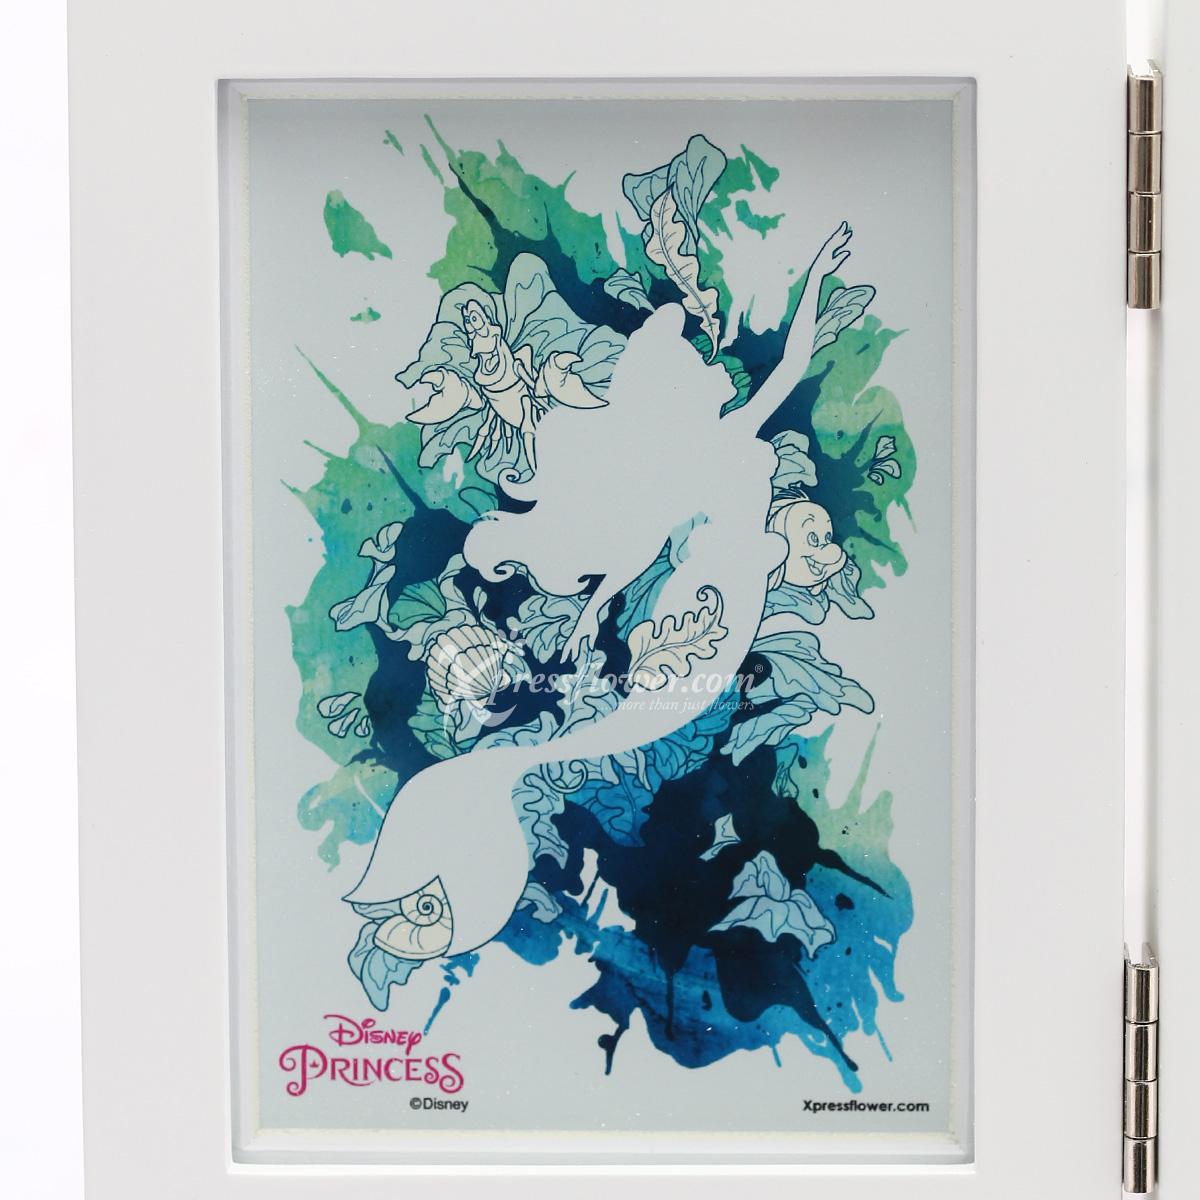 DSPR1903 Mermaid's Lullaby